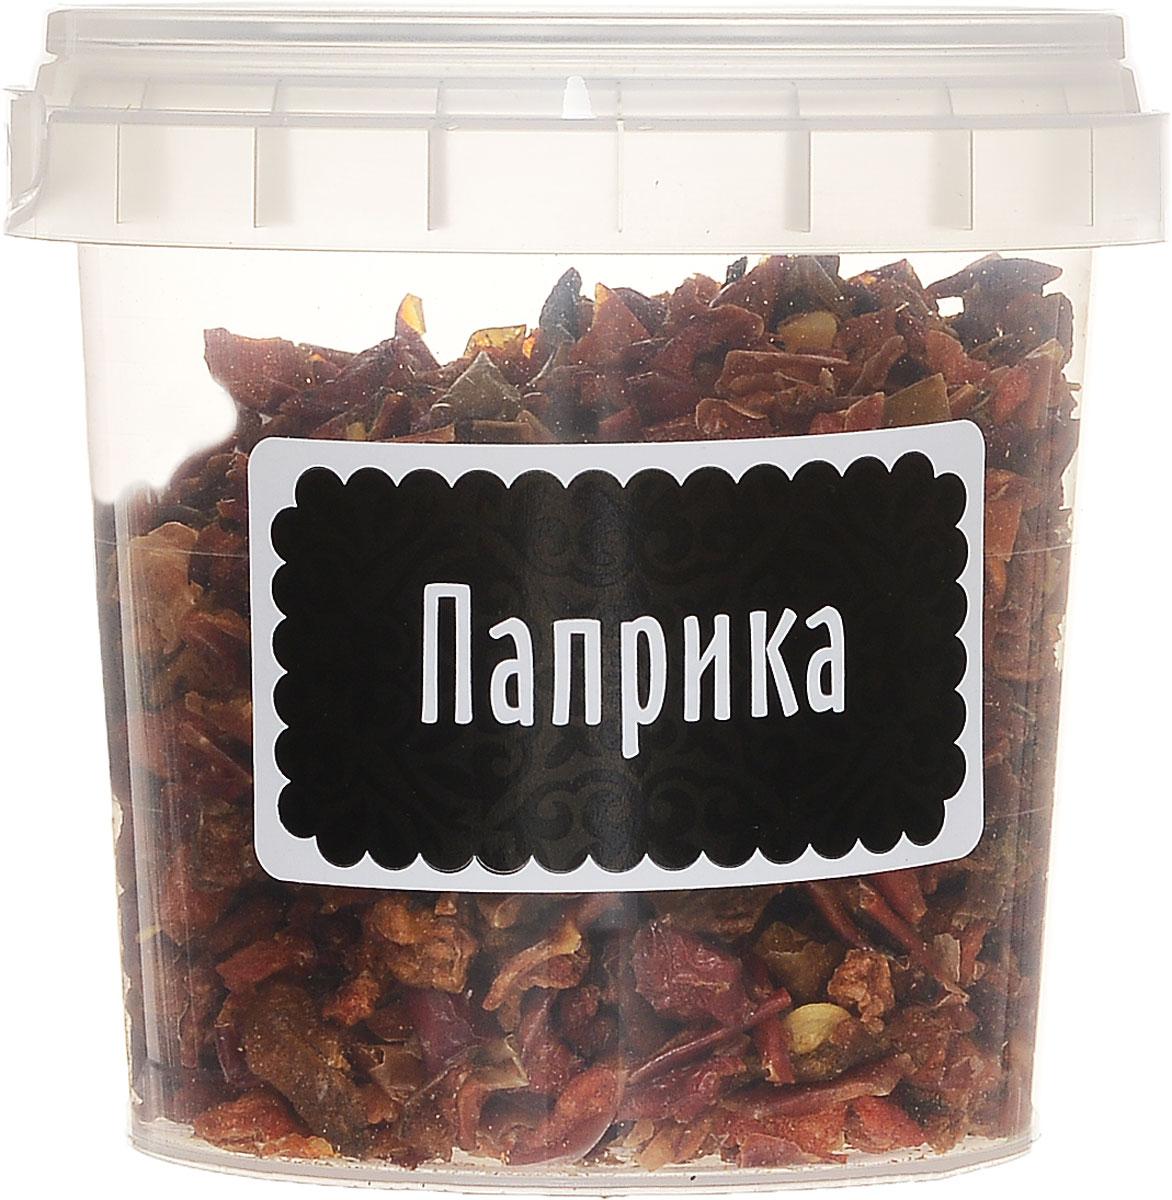 Компас Здоровья Паприка красная сладкая, 35 гУТ000001030Паприка - это нарезанный кусочками (или смолотый в порошок), высушенный красный стручковый перец, обладающий вкусом и ароматом свежего. Вкус этой специи сладковатый, слегка жгучий, с едва уловимой ноткой горчинки. Паприка очень популярна в немецкой, венгерской, мексиканской, испанской, азиатской кухнях. Её добавляют в блюда из мяса, курицы, рыбы, риса, сочетают с томатом, сметаной, картофелем, базиликом, чесноком, мускатным орехом. Не рекомендуется сильно нагревать паприку в масле так как она может стать горькой из-за содержащегося в ней сахара (он может подгореть). Так как паприка - это теплая, жгучая приправа, она обладает кроворазжижающим свойством. Кроме того, она стимулирует пищеварение, имеет лёгкий обезболивающий эффект, повышает мозговую активность.